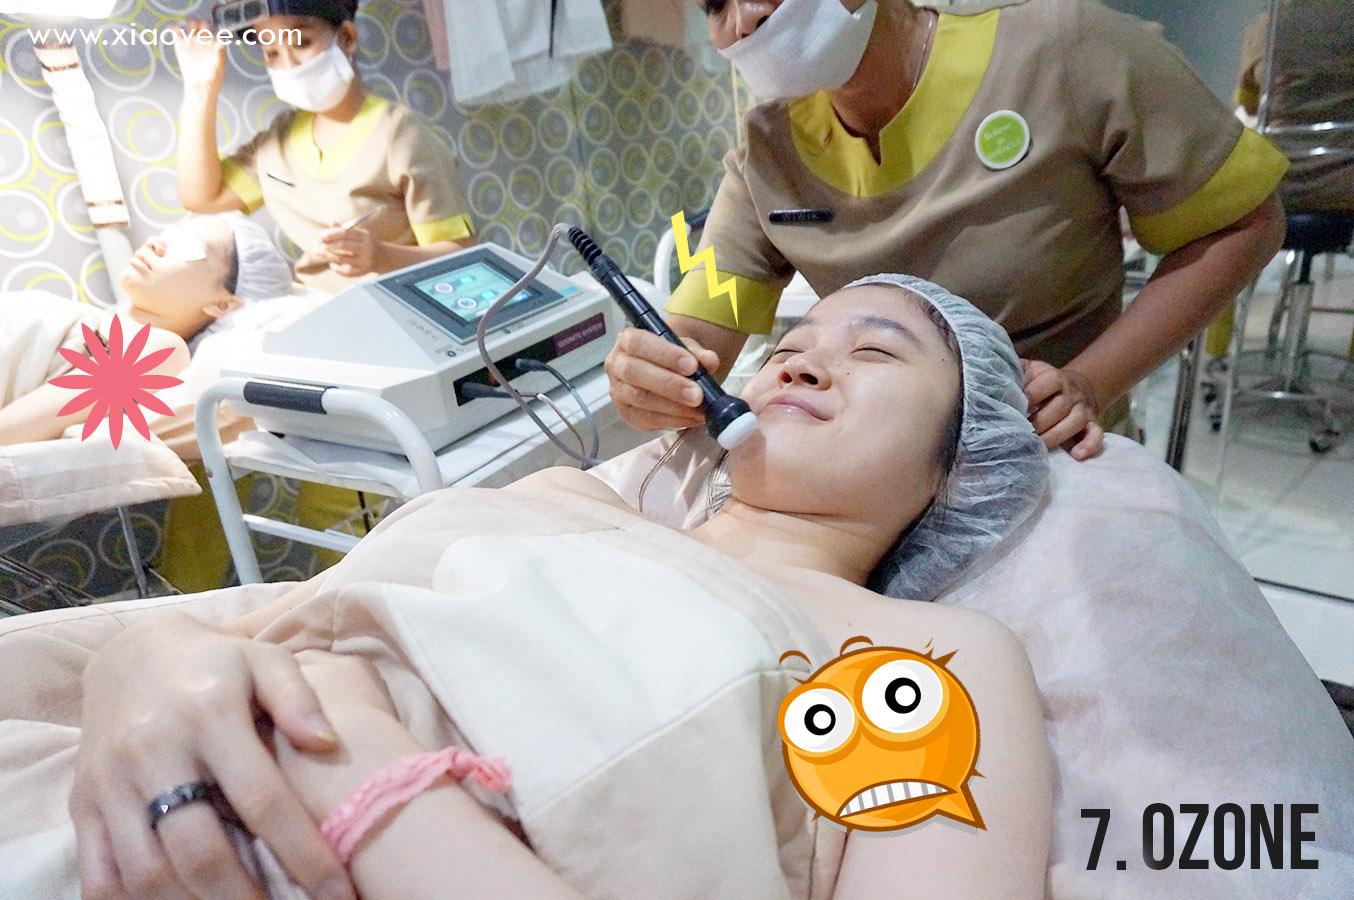 ozone, terapi ozon, ozone therapy, facial ozon terapi, facial terapi ozon